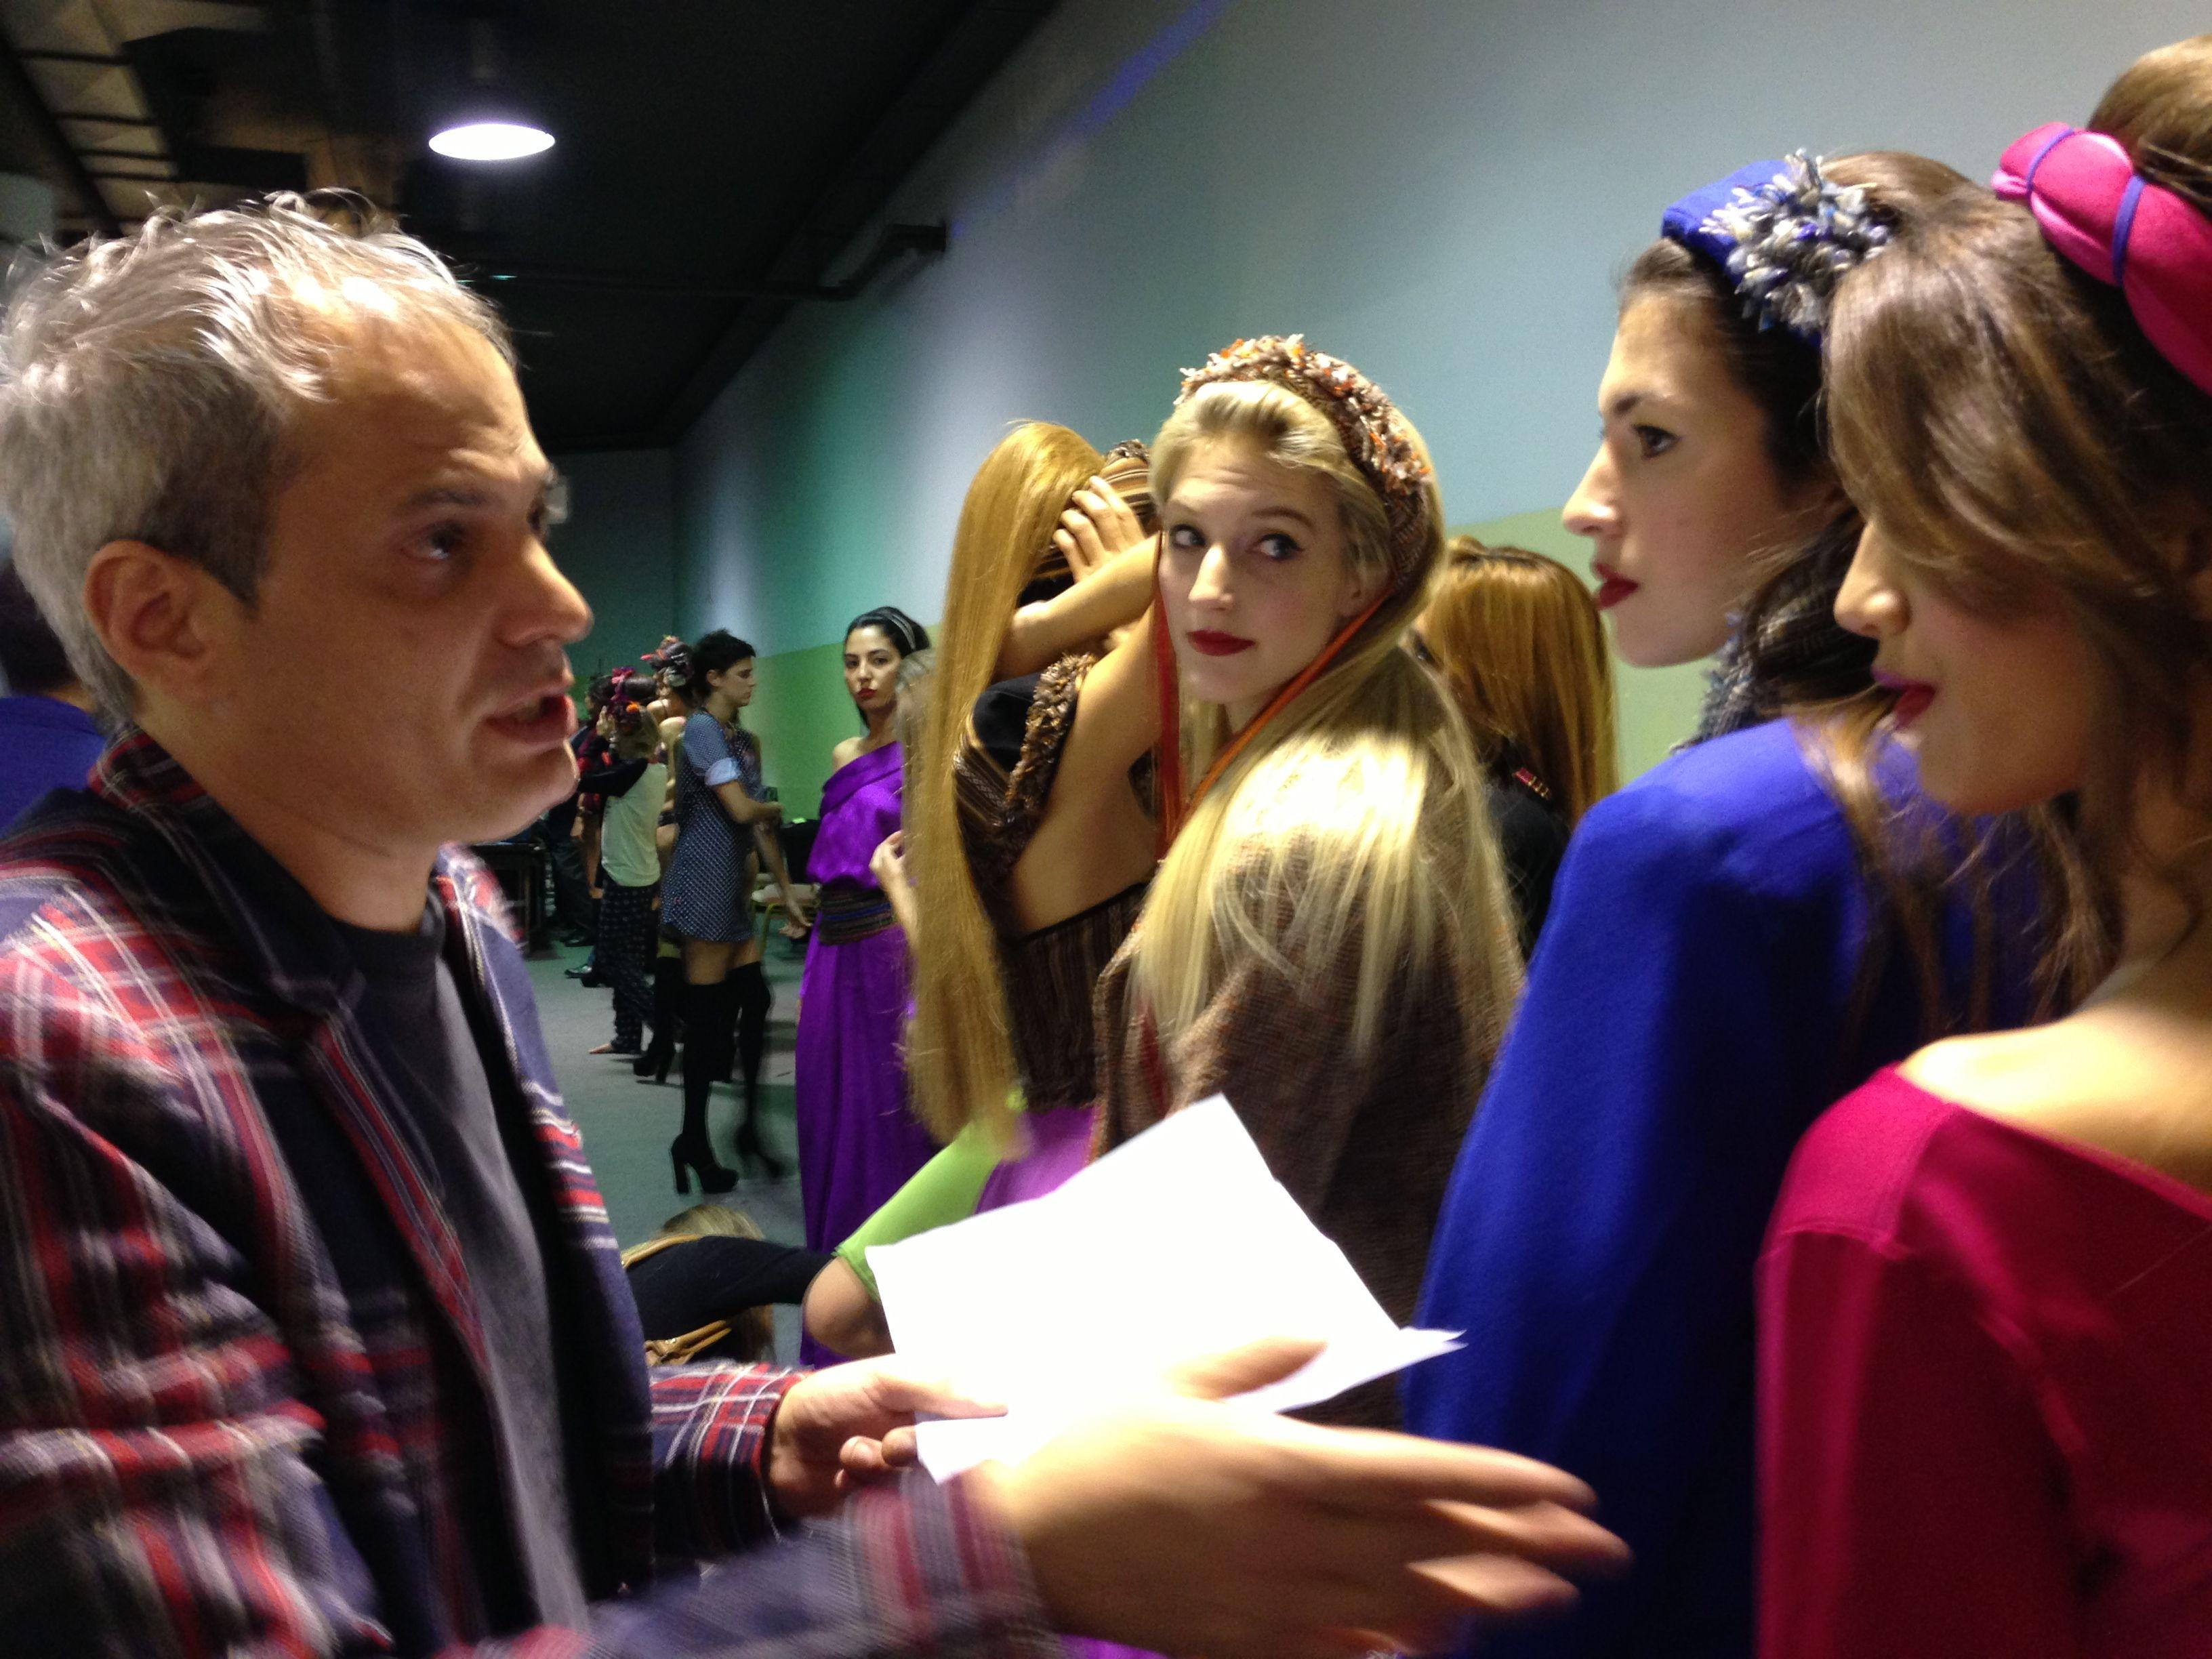 Colecc otoño invierno 013 Baam Argentina fashion Week